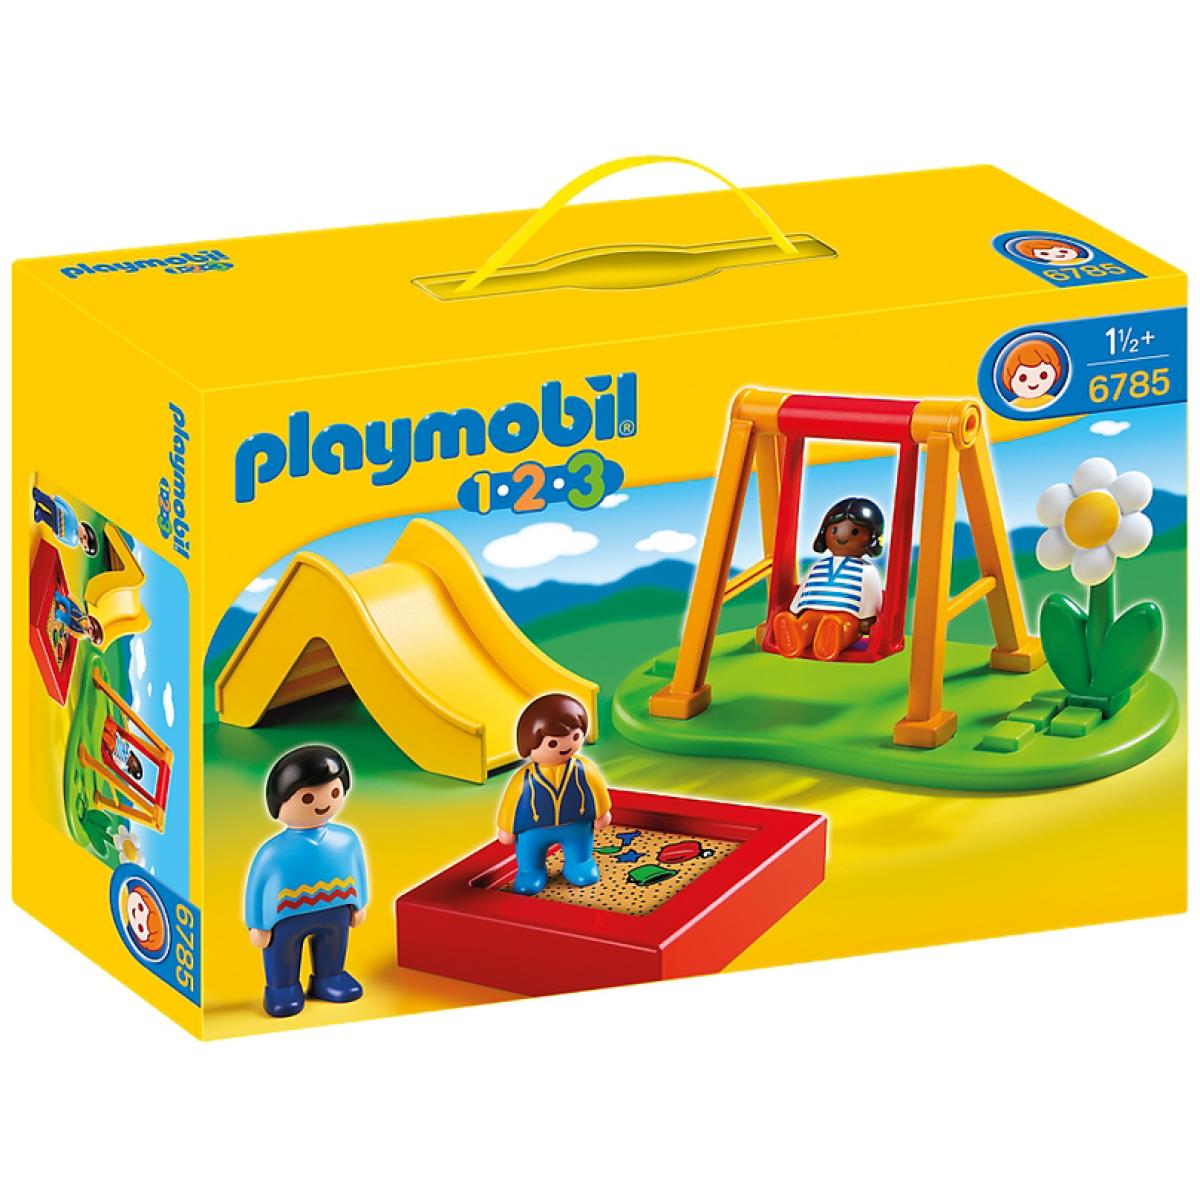 Playmobil 6785 Dětské hřiště